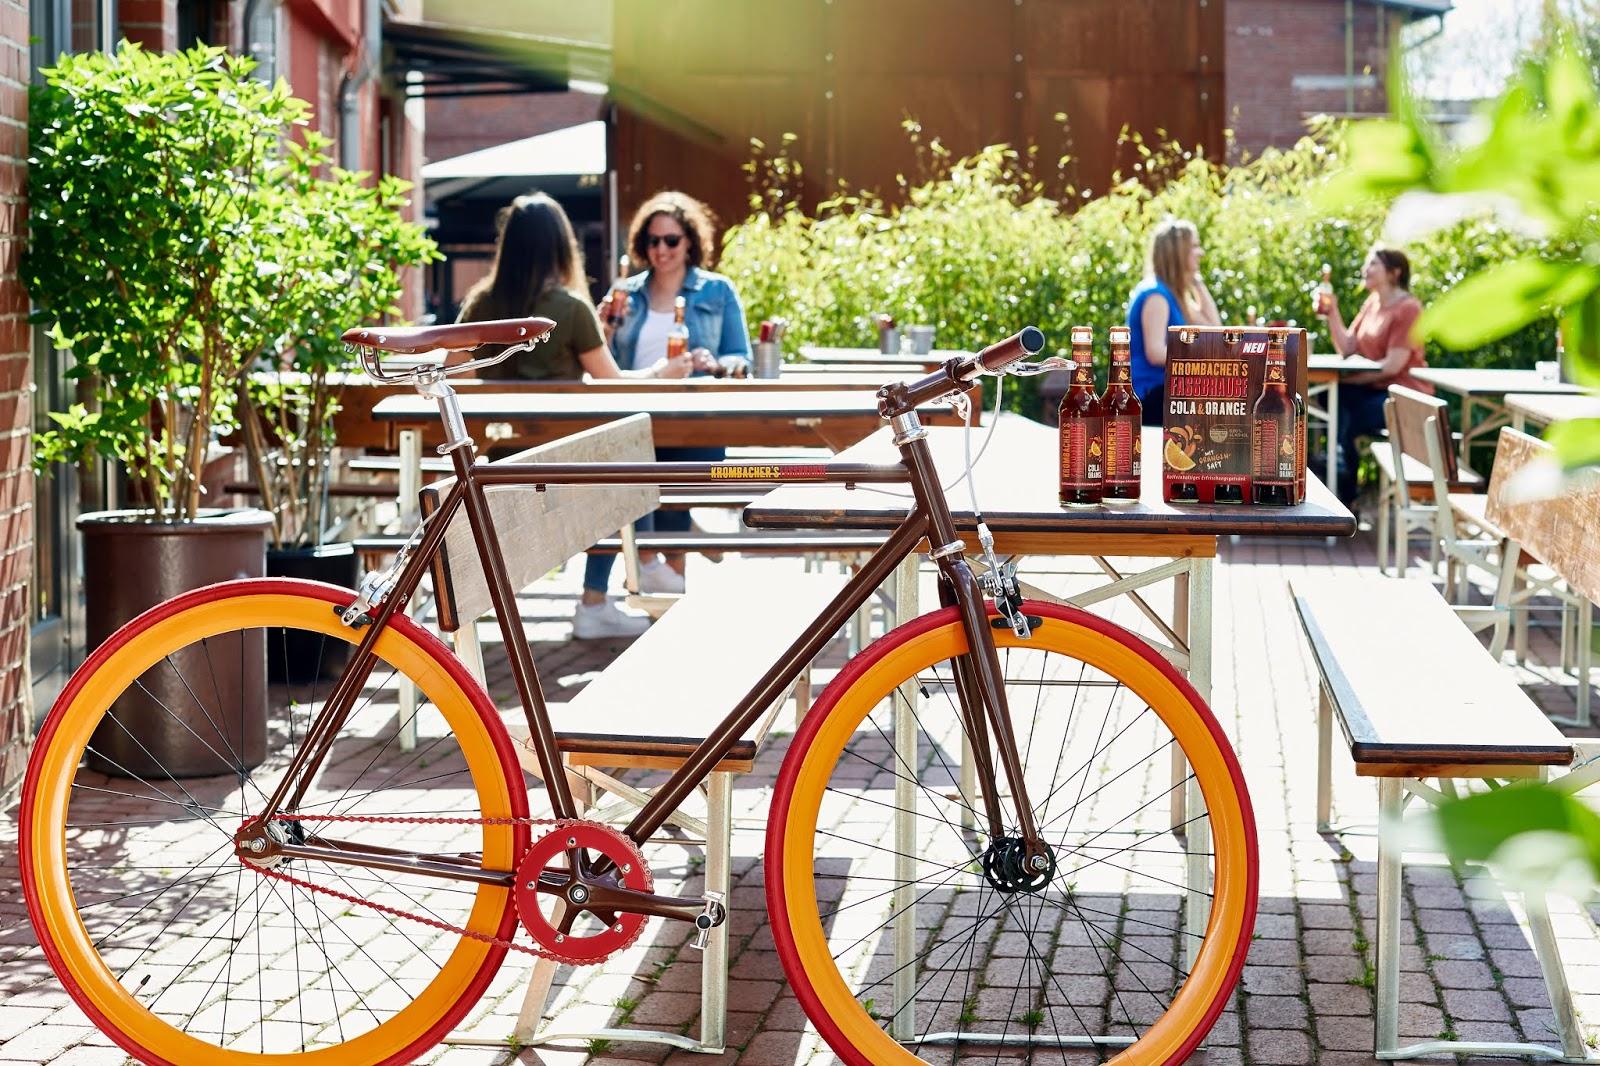 Das Atomlabor x Krombacher's Fassbrause Fahrrad Gewinnspiel